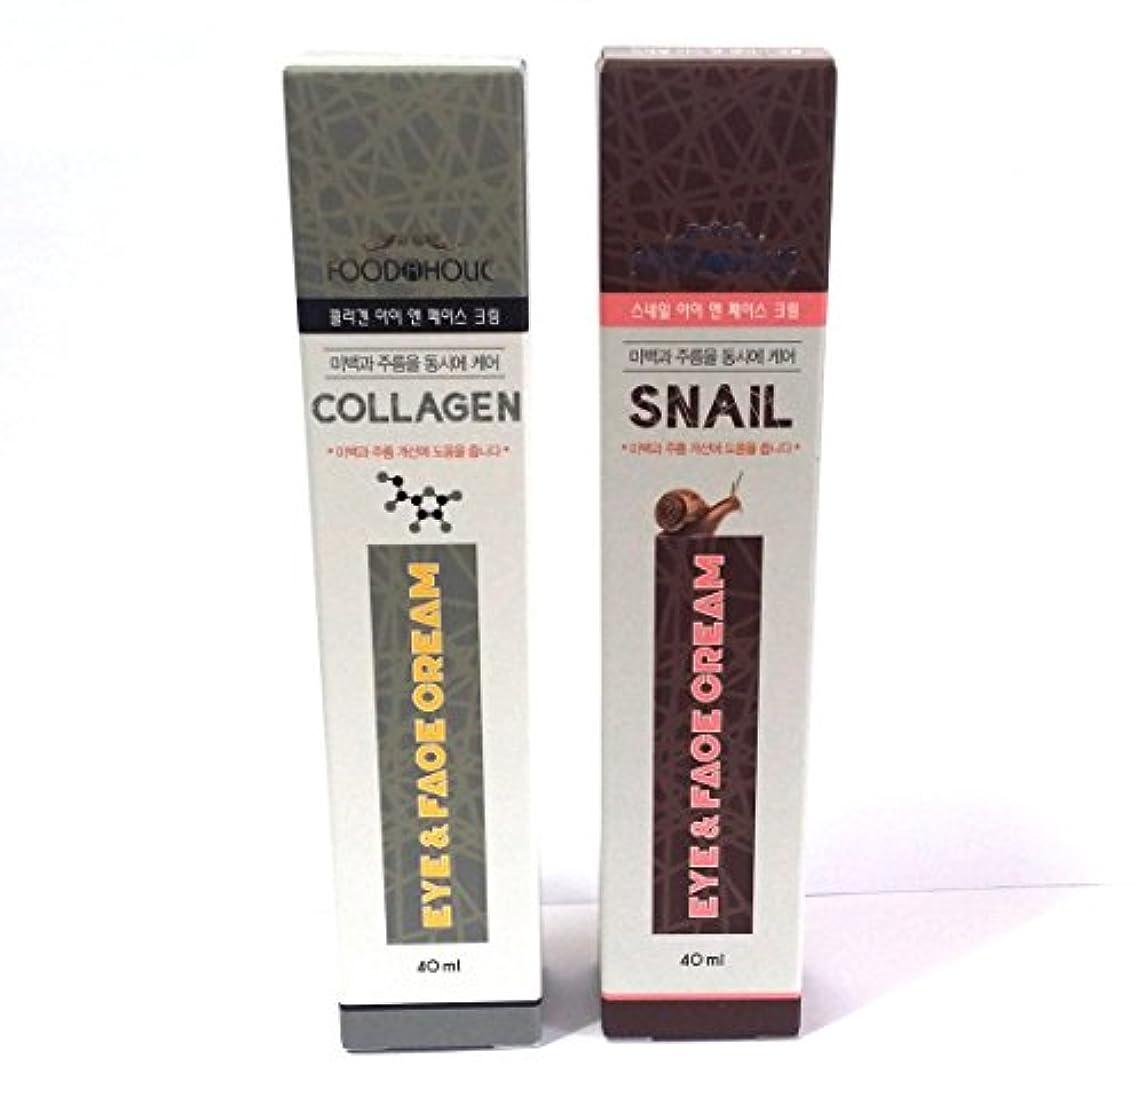 同意ありそう噴火[Foodaholic] コラーゲン1ea + カタツムリ1ea /Collagen 1ea + Snail 1ea /アイ&フェースクリーム40ml /美白&弾力/韓国化粧品 / Eye And Face Cream...